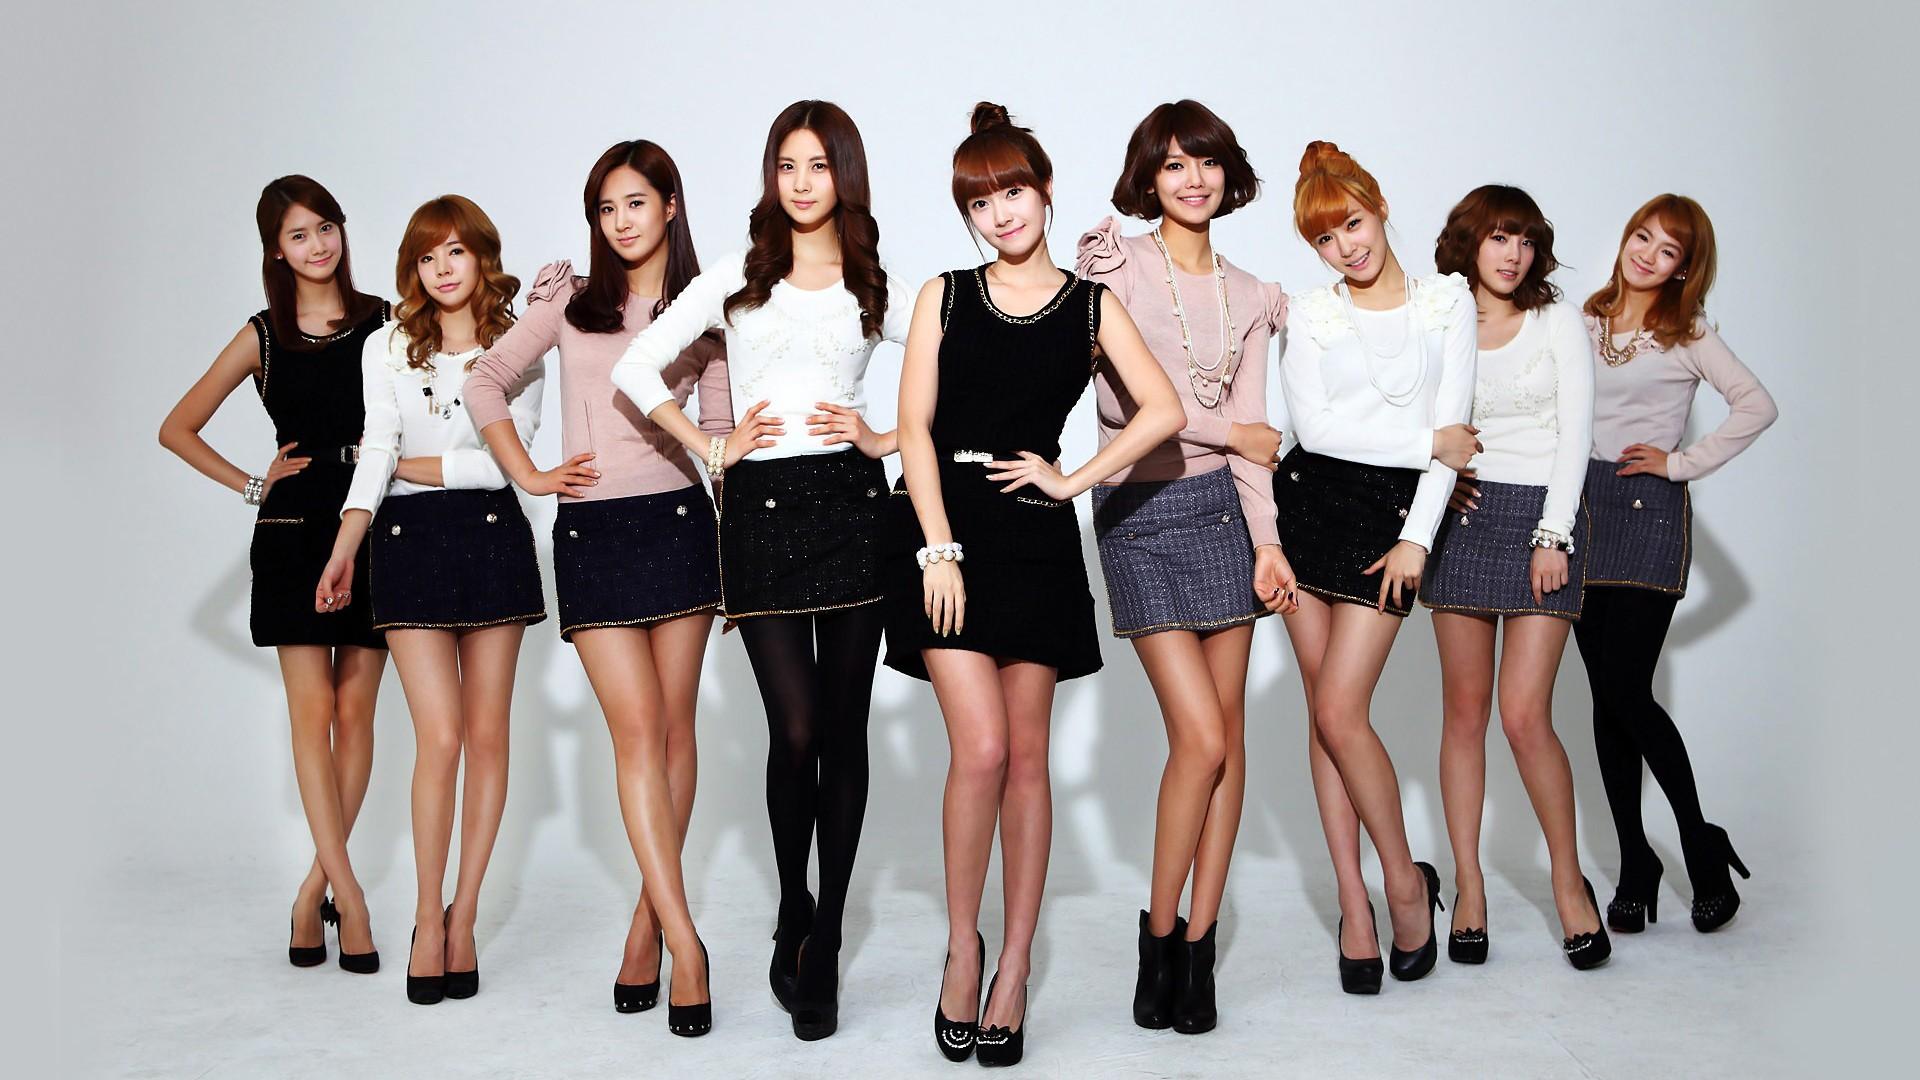 Kpop Korean Fashion - Korean Style 44